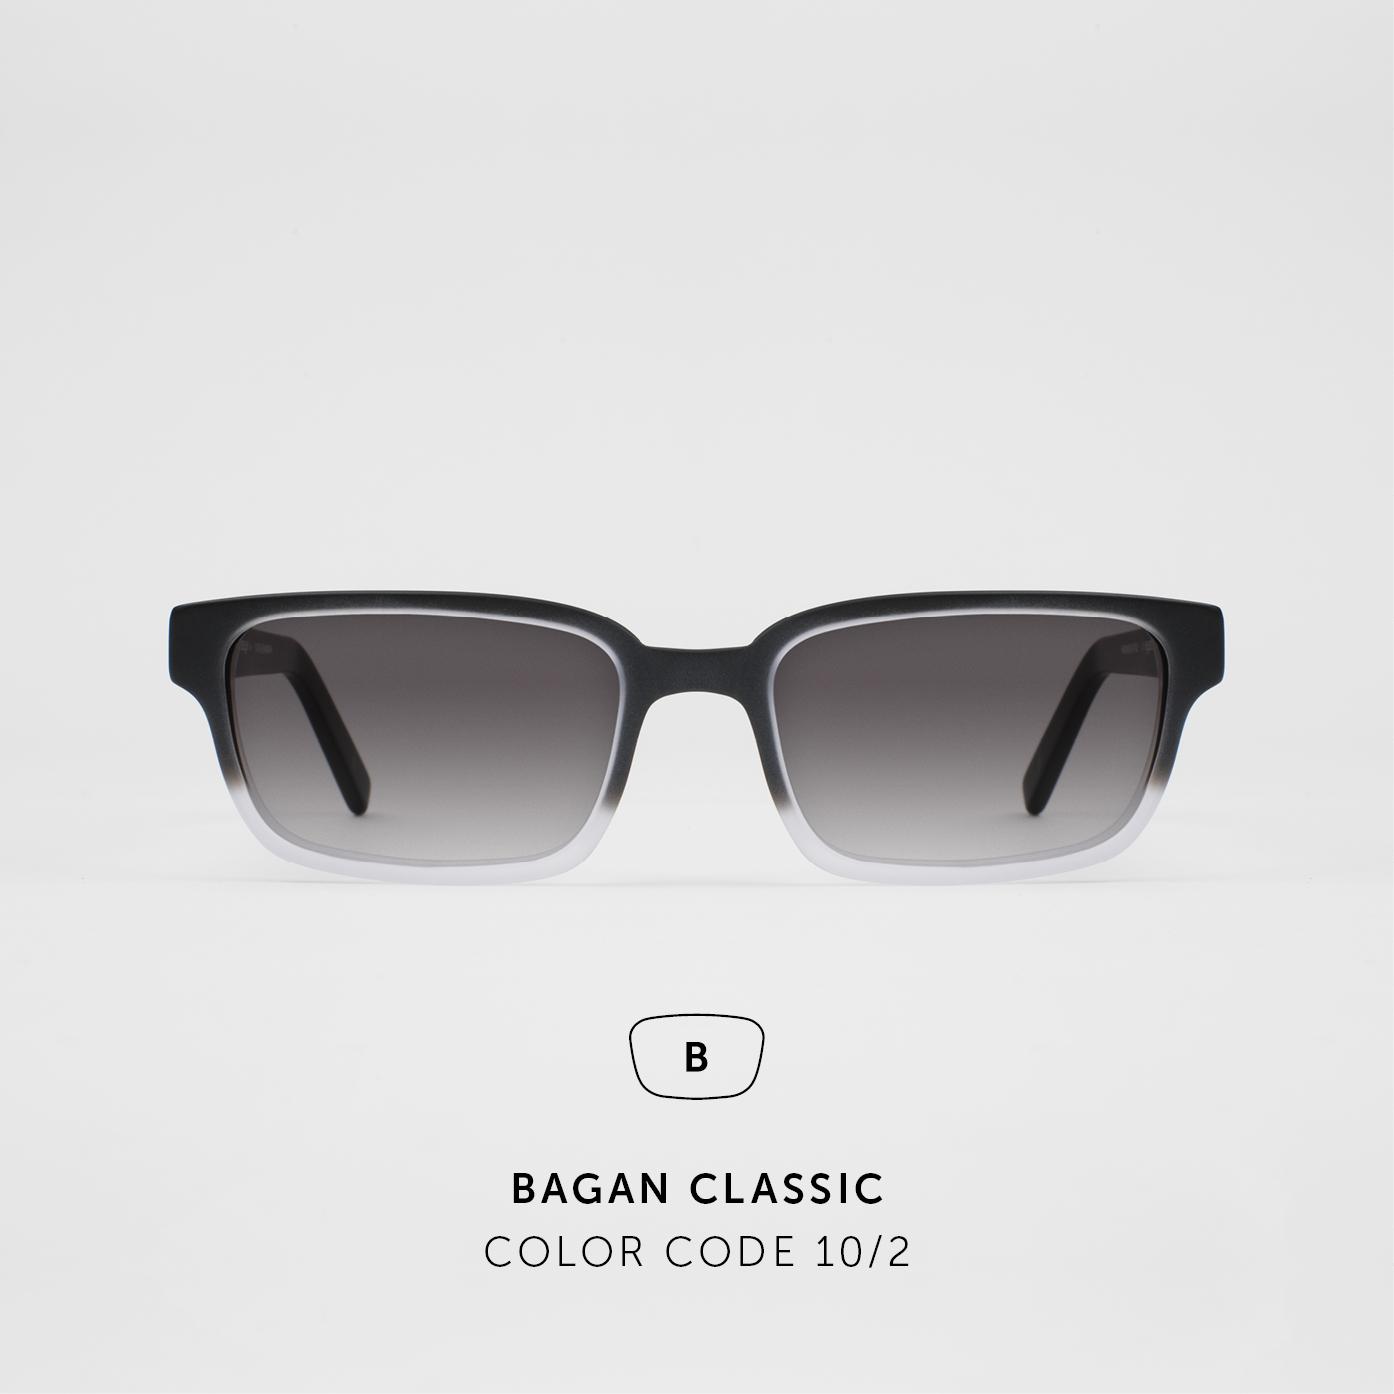 BaganClassic35.jpg